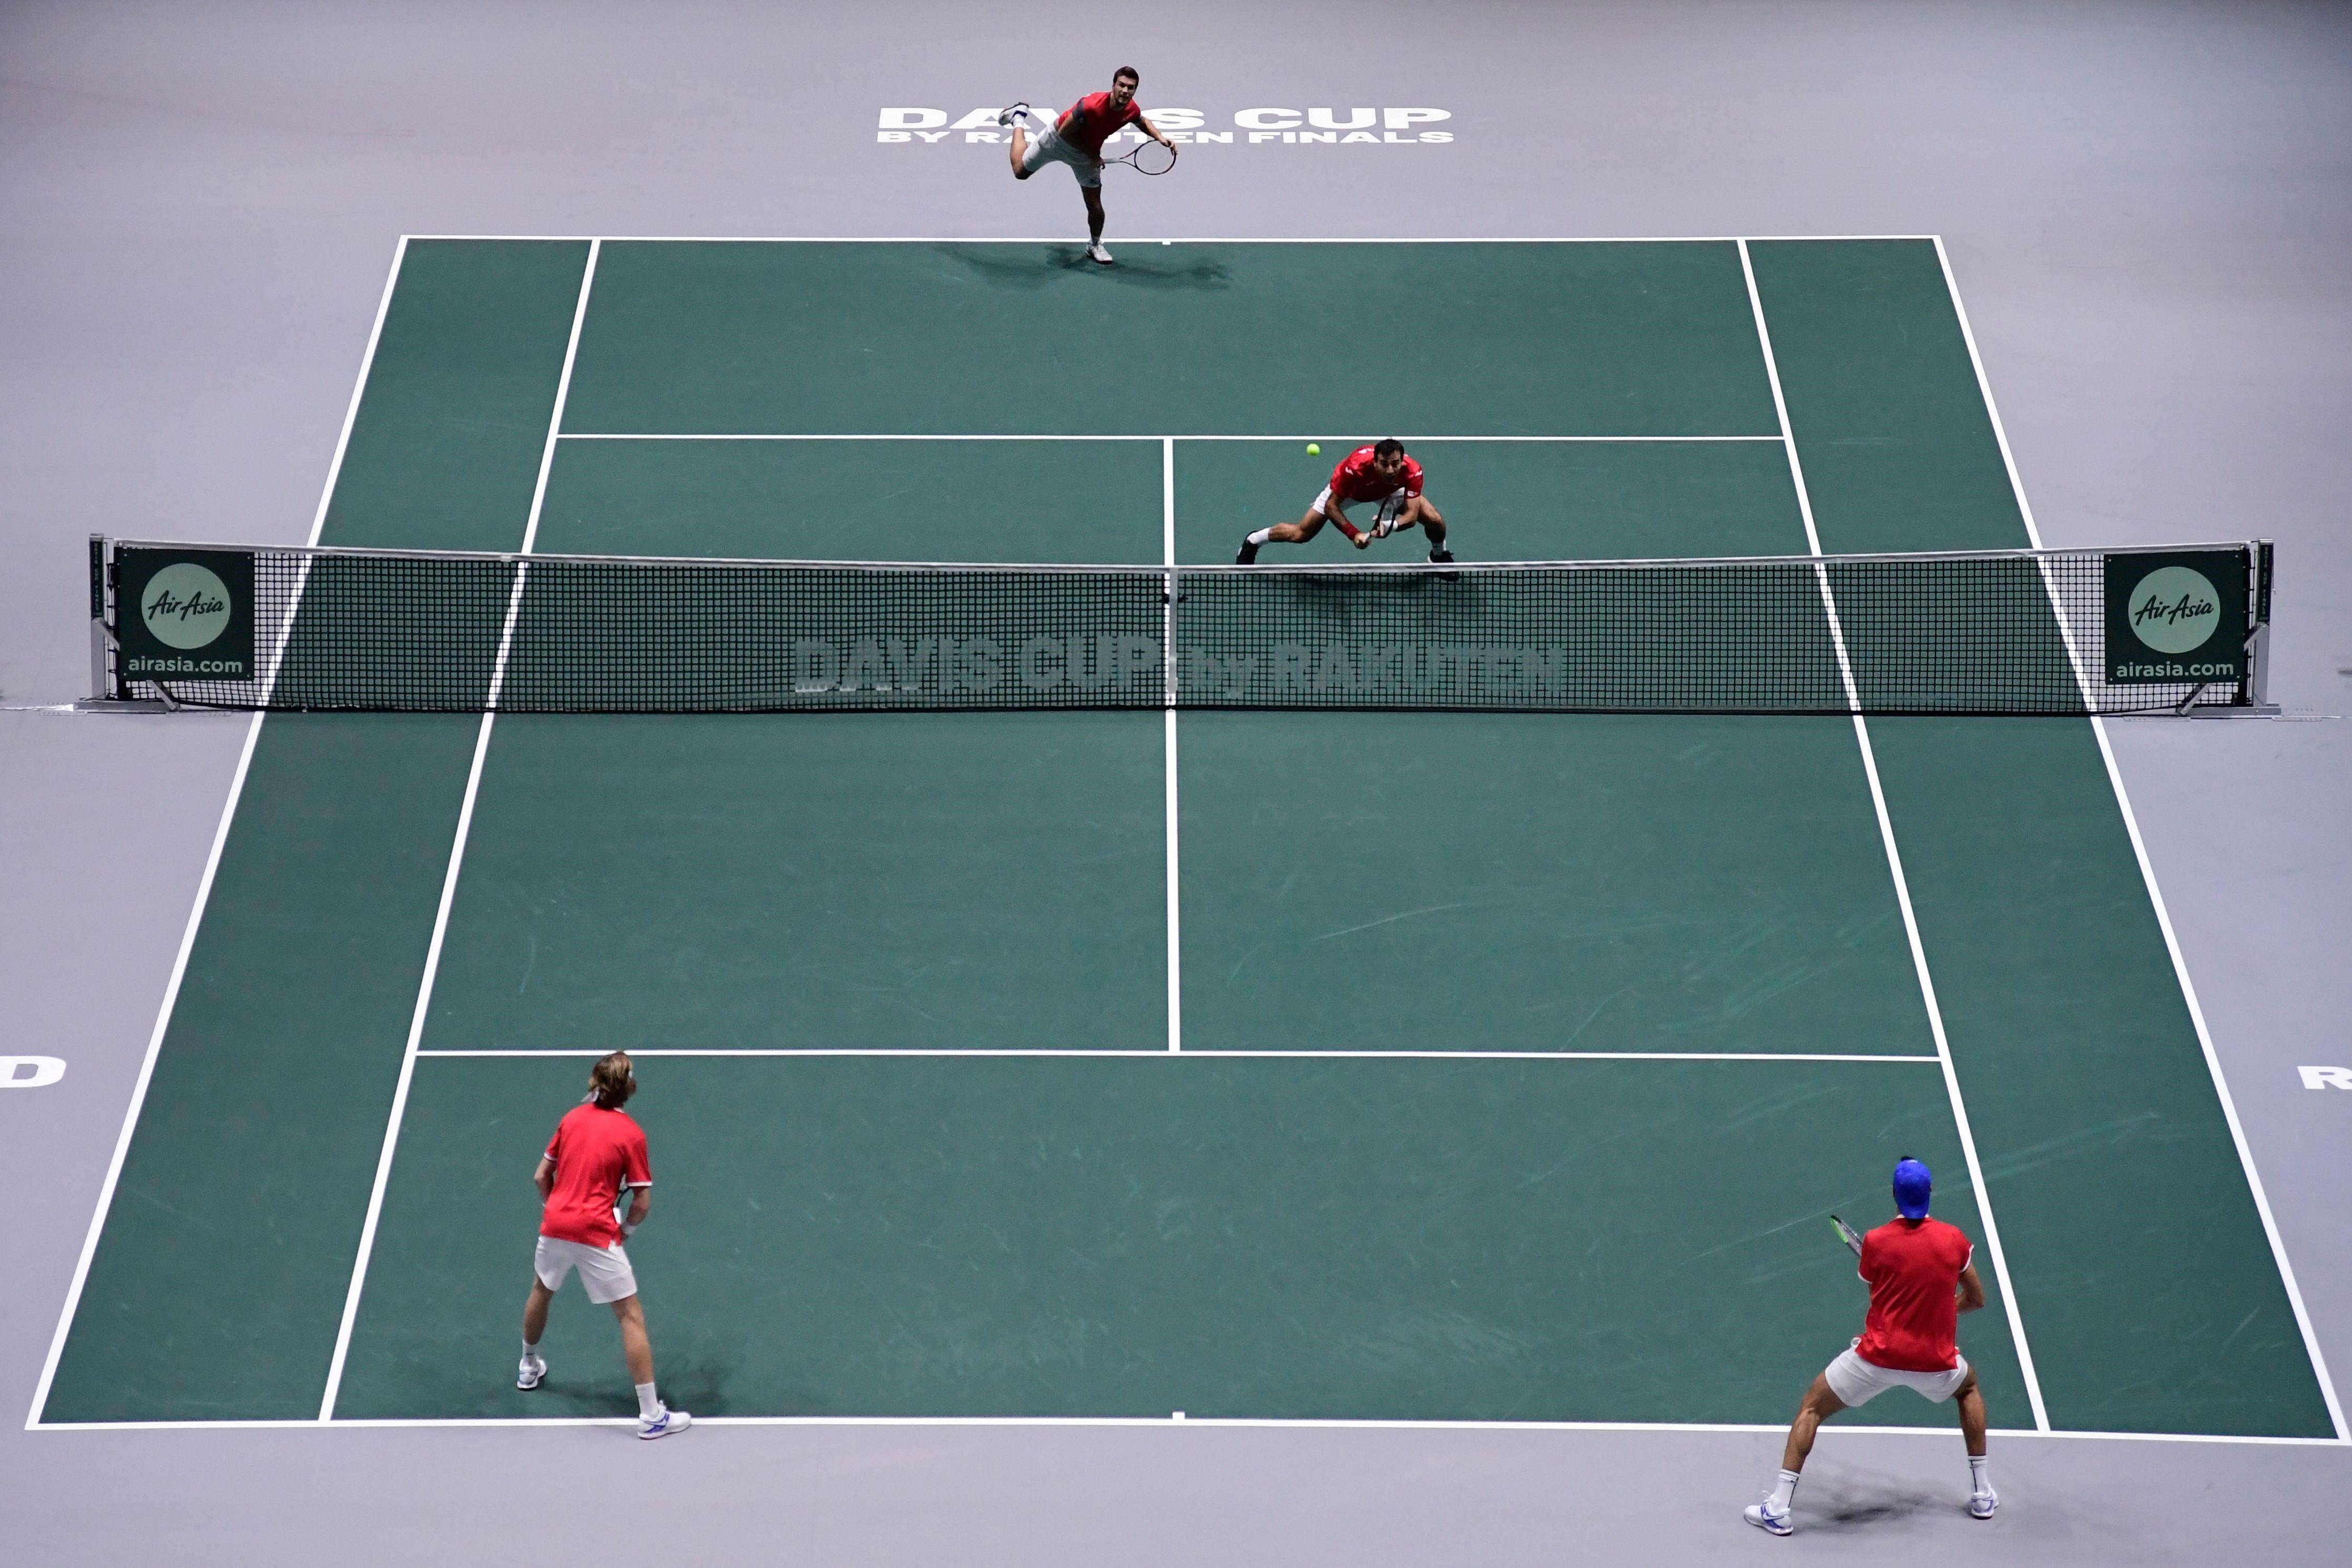 Ivan Dodig et Nkola Mektic contre Karen Khachanov et Andrey Rublev lors de Croatie - Russie en Coupe Davis 2019